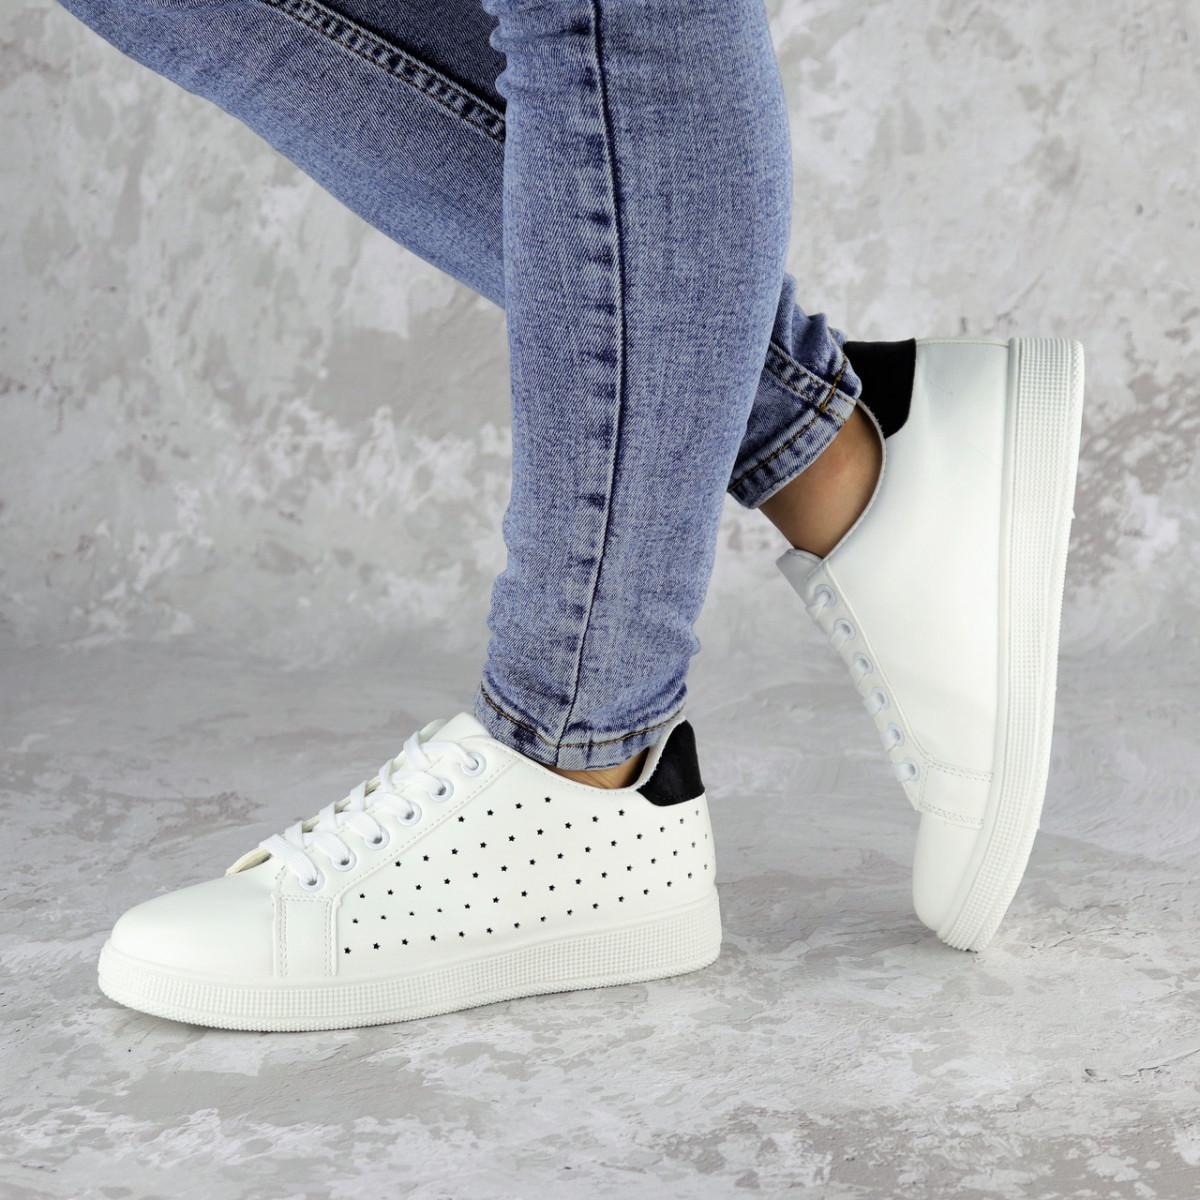 Кеды женские белые Cheerio 2193 (36 размер)